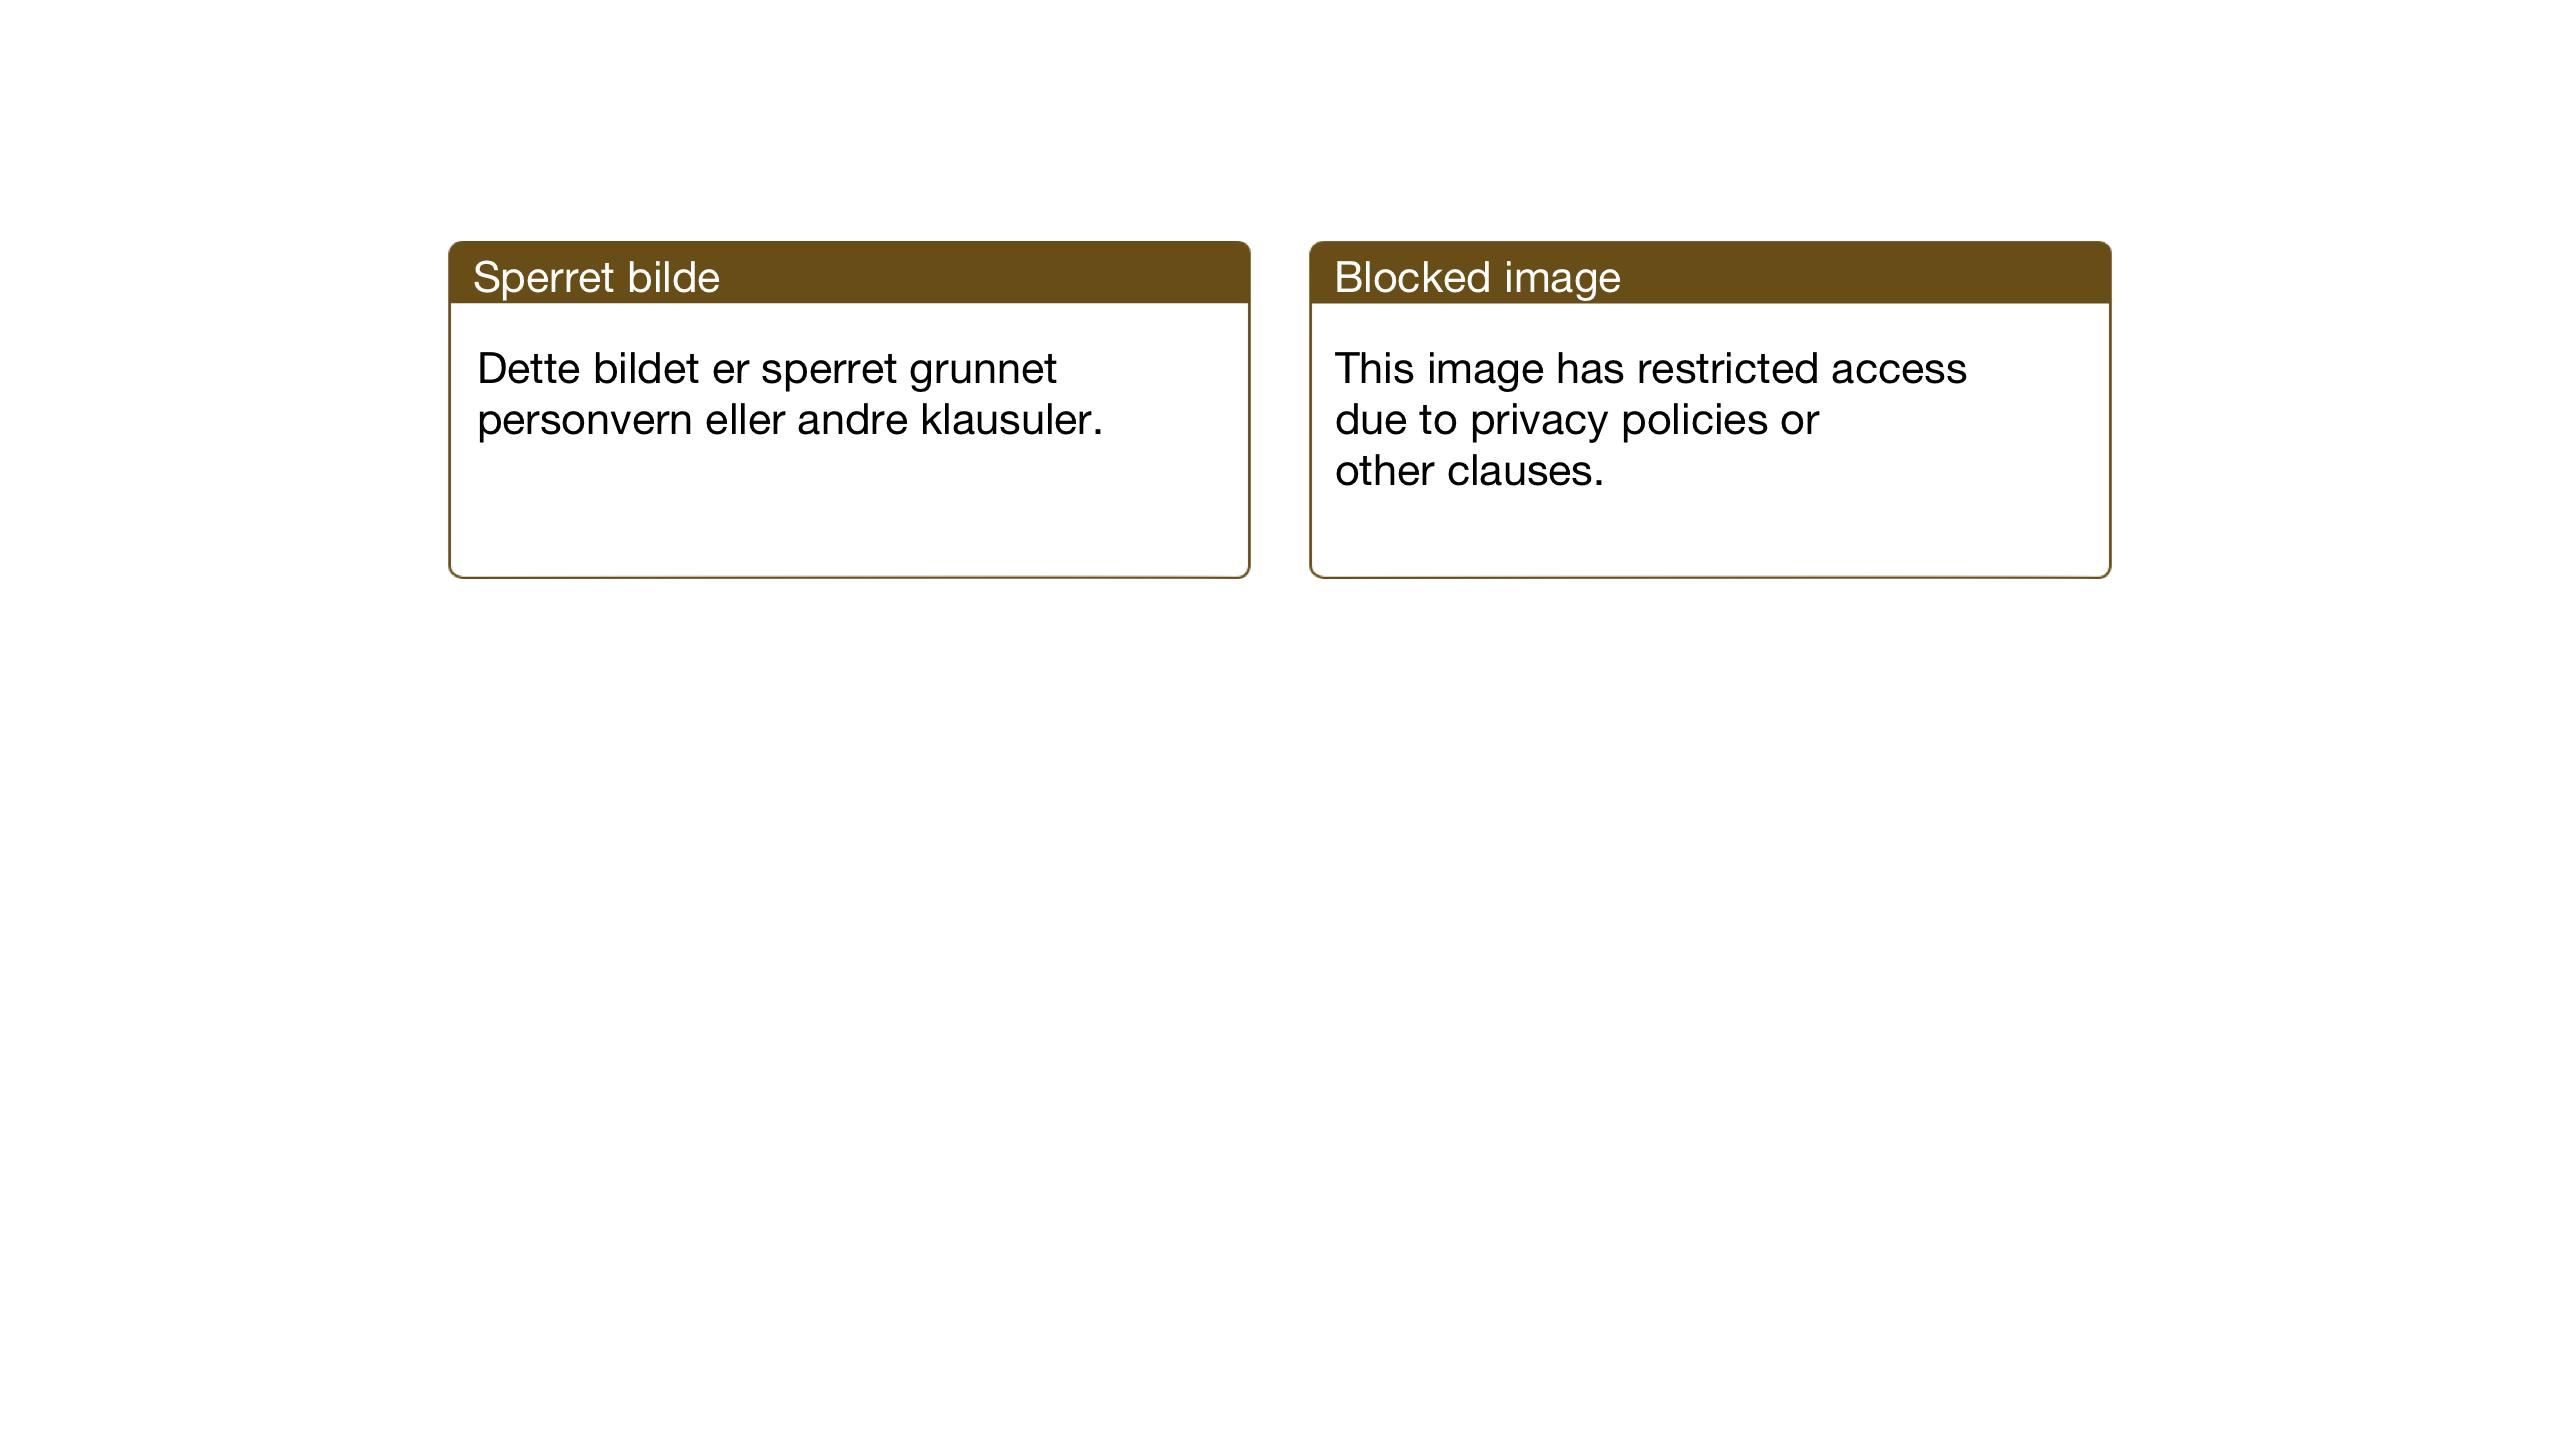 SAT, Ministerialprotokoller, klokkerbøker og fødselsregistre - Nord-Trøndelag, 732/L0319: Klokkerbok nr. 732C03, 1911-1945, s. 38